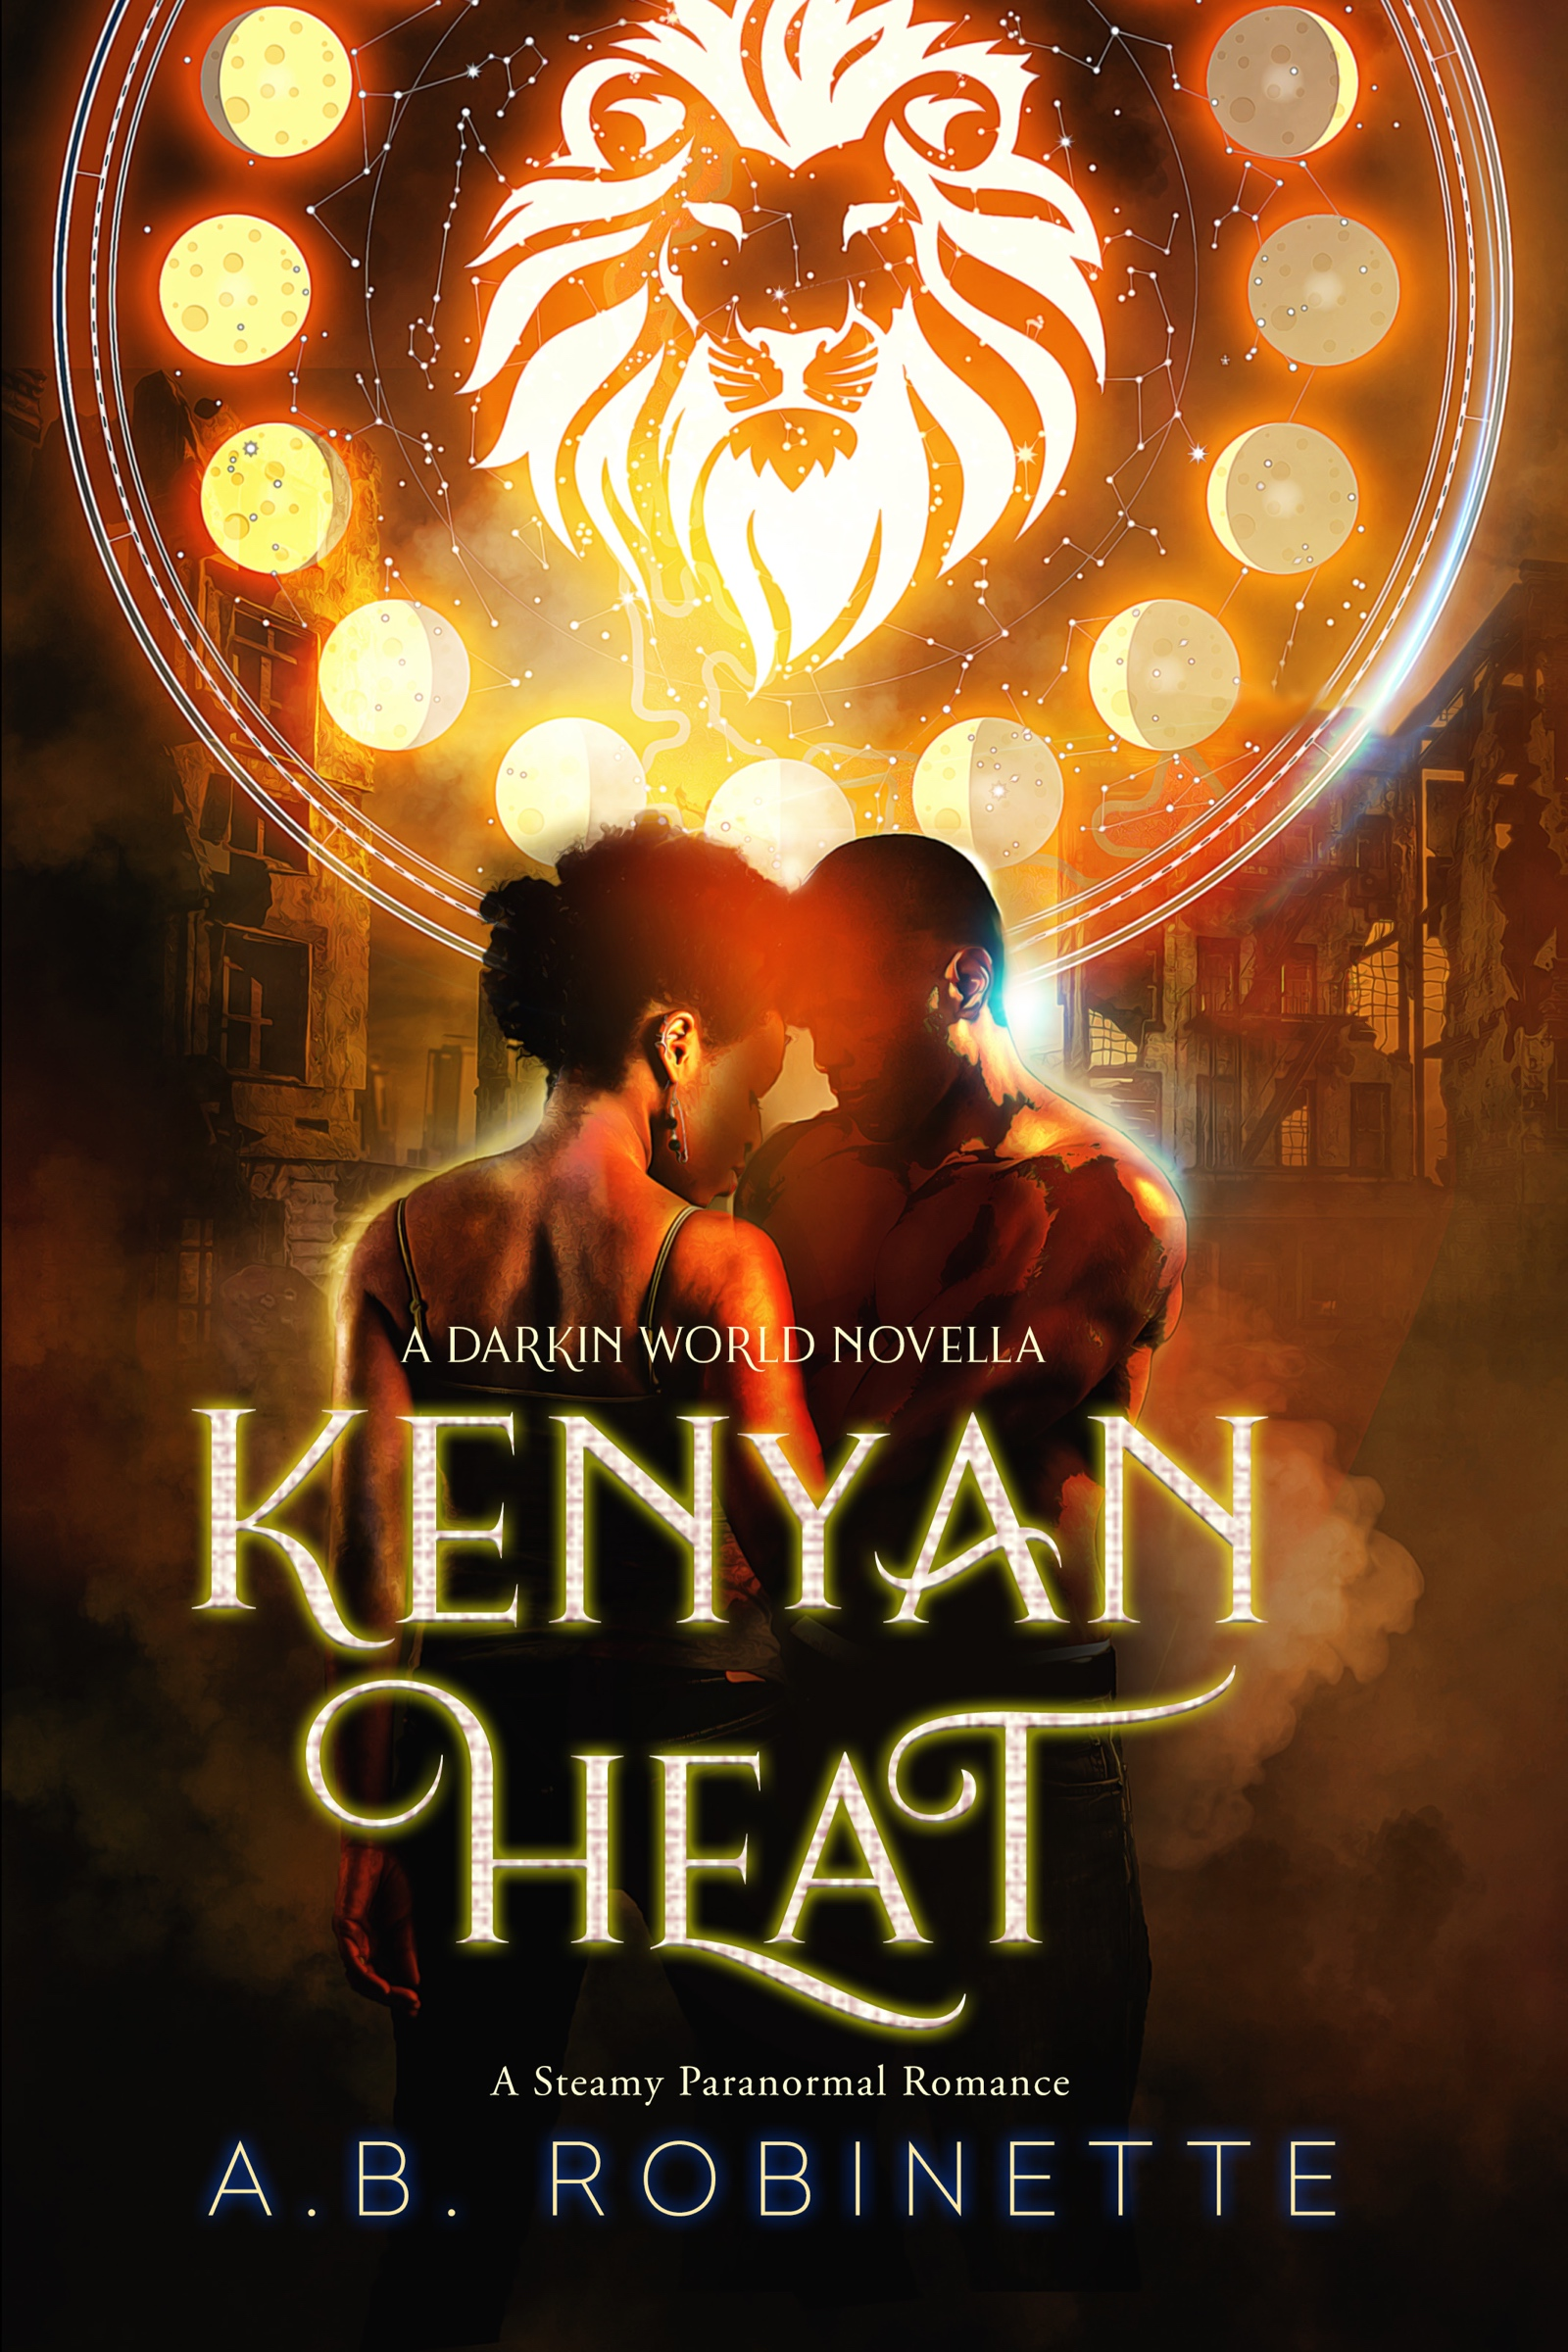 Kenyan Heat